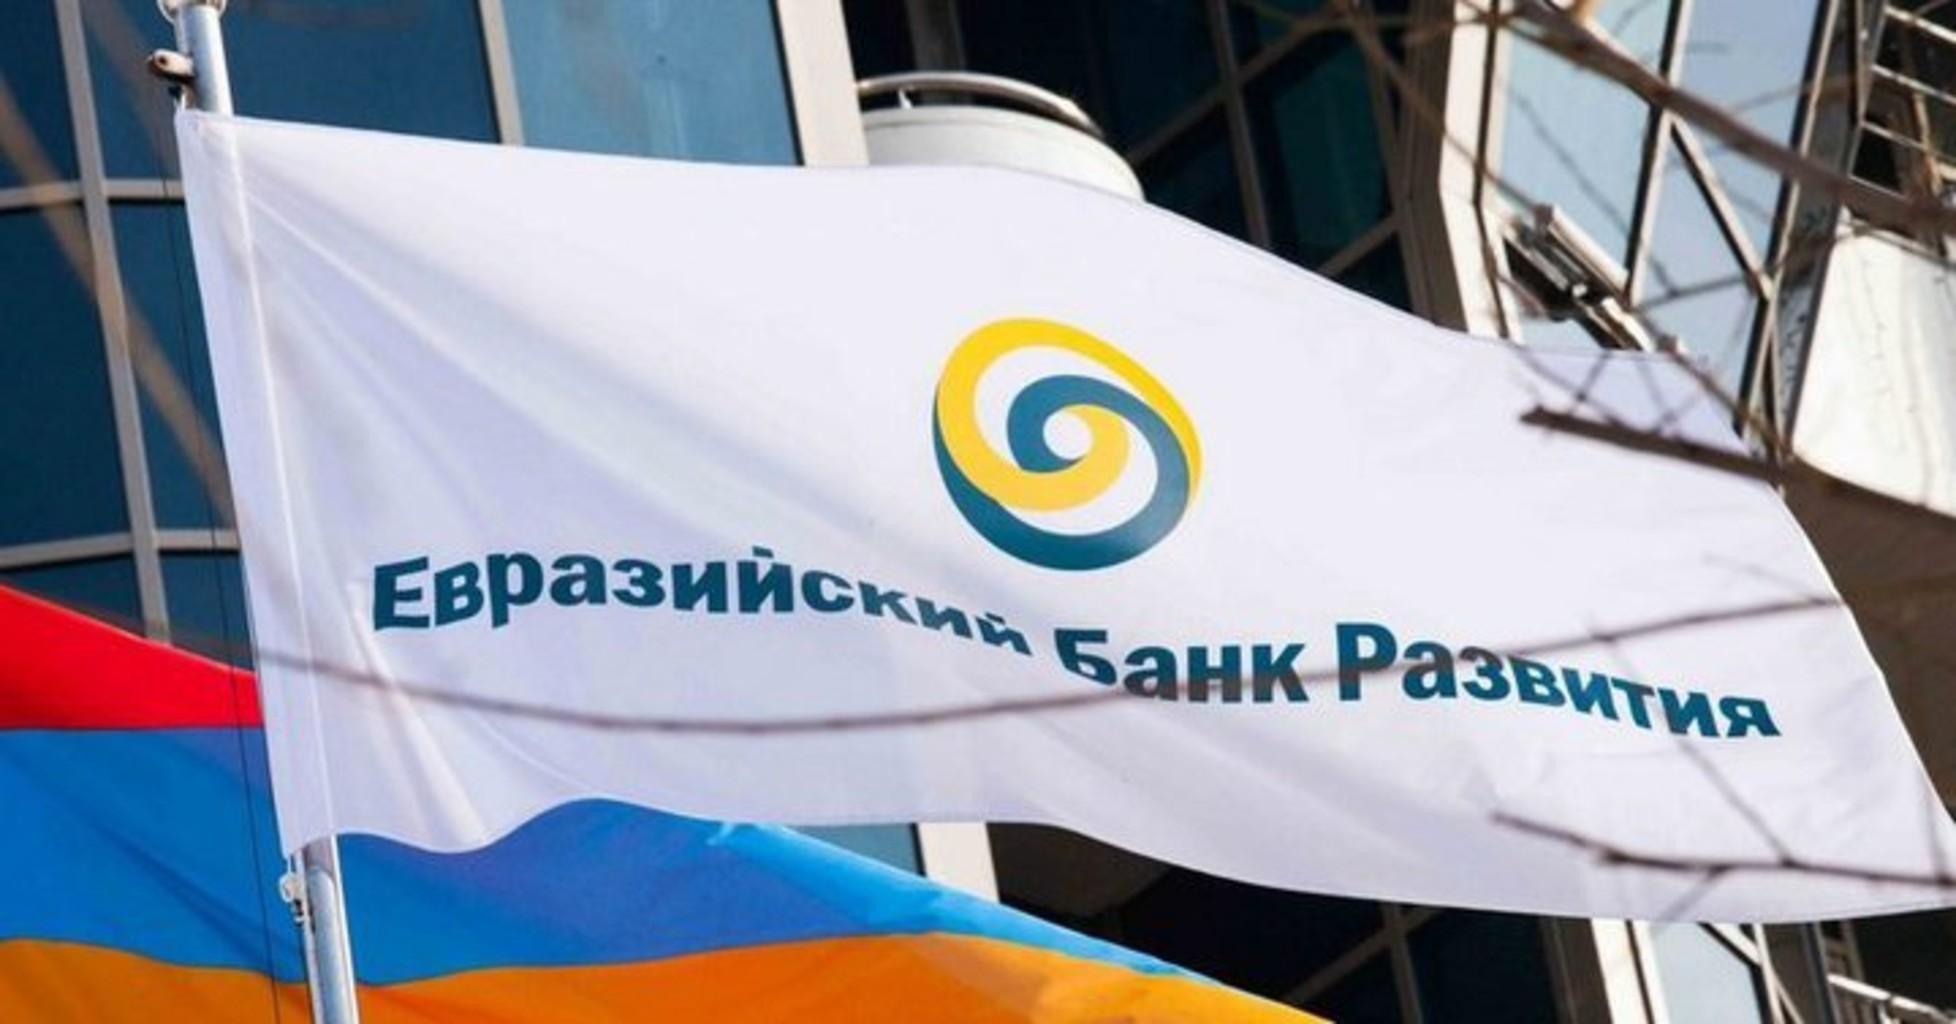 ЕАБР завершил размещение выпуска облигаций объемом 5 млрд рублей на Московской бирже